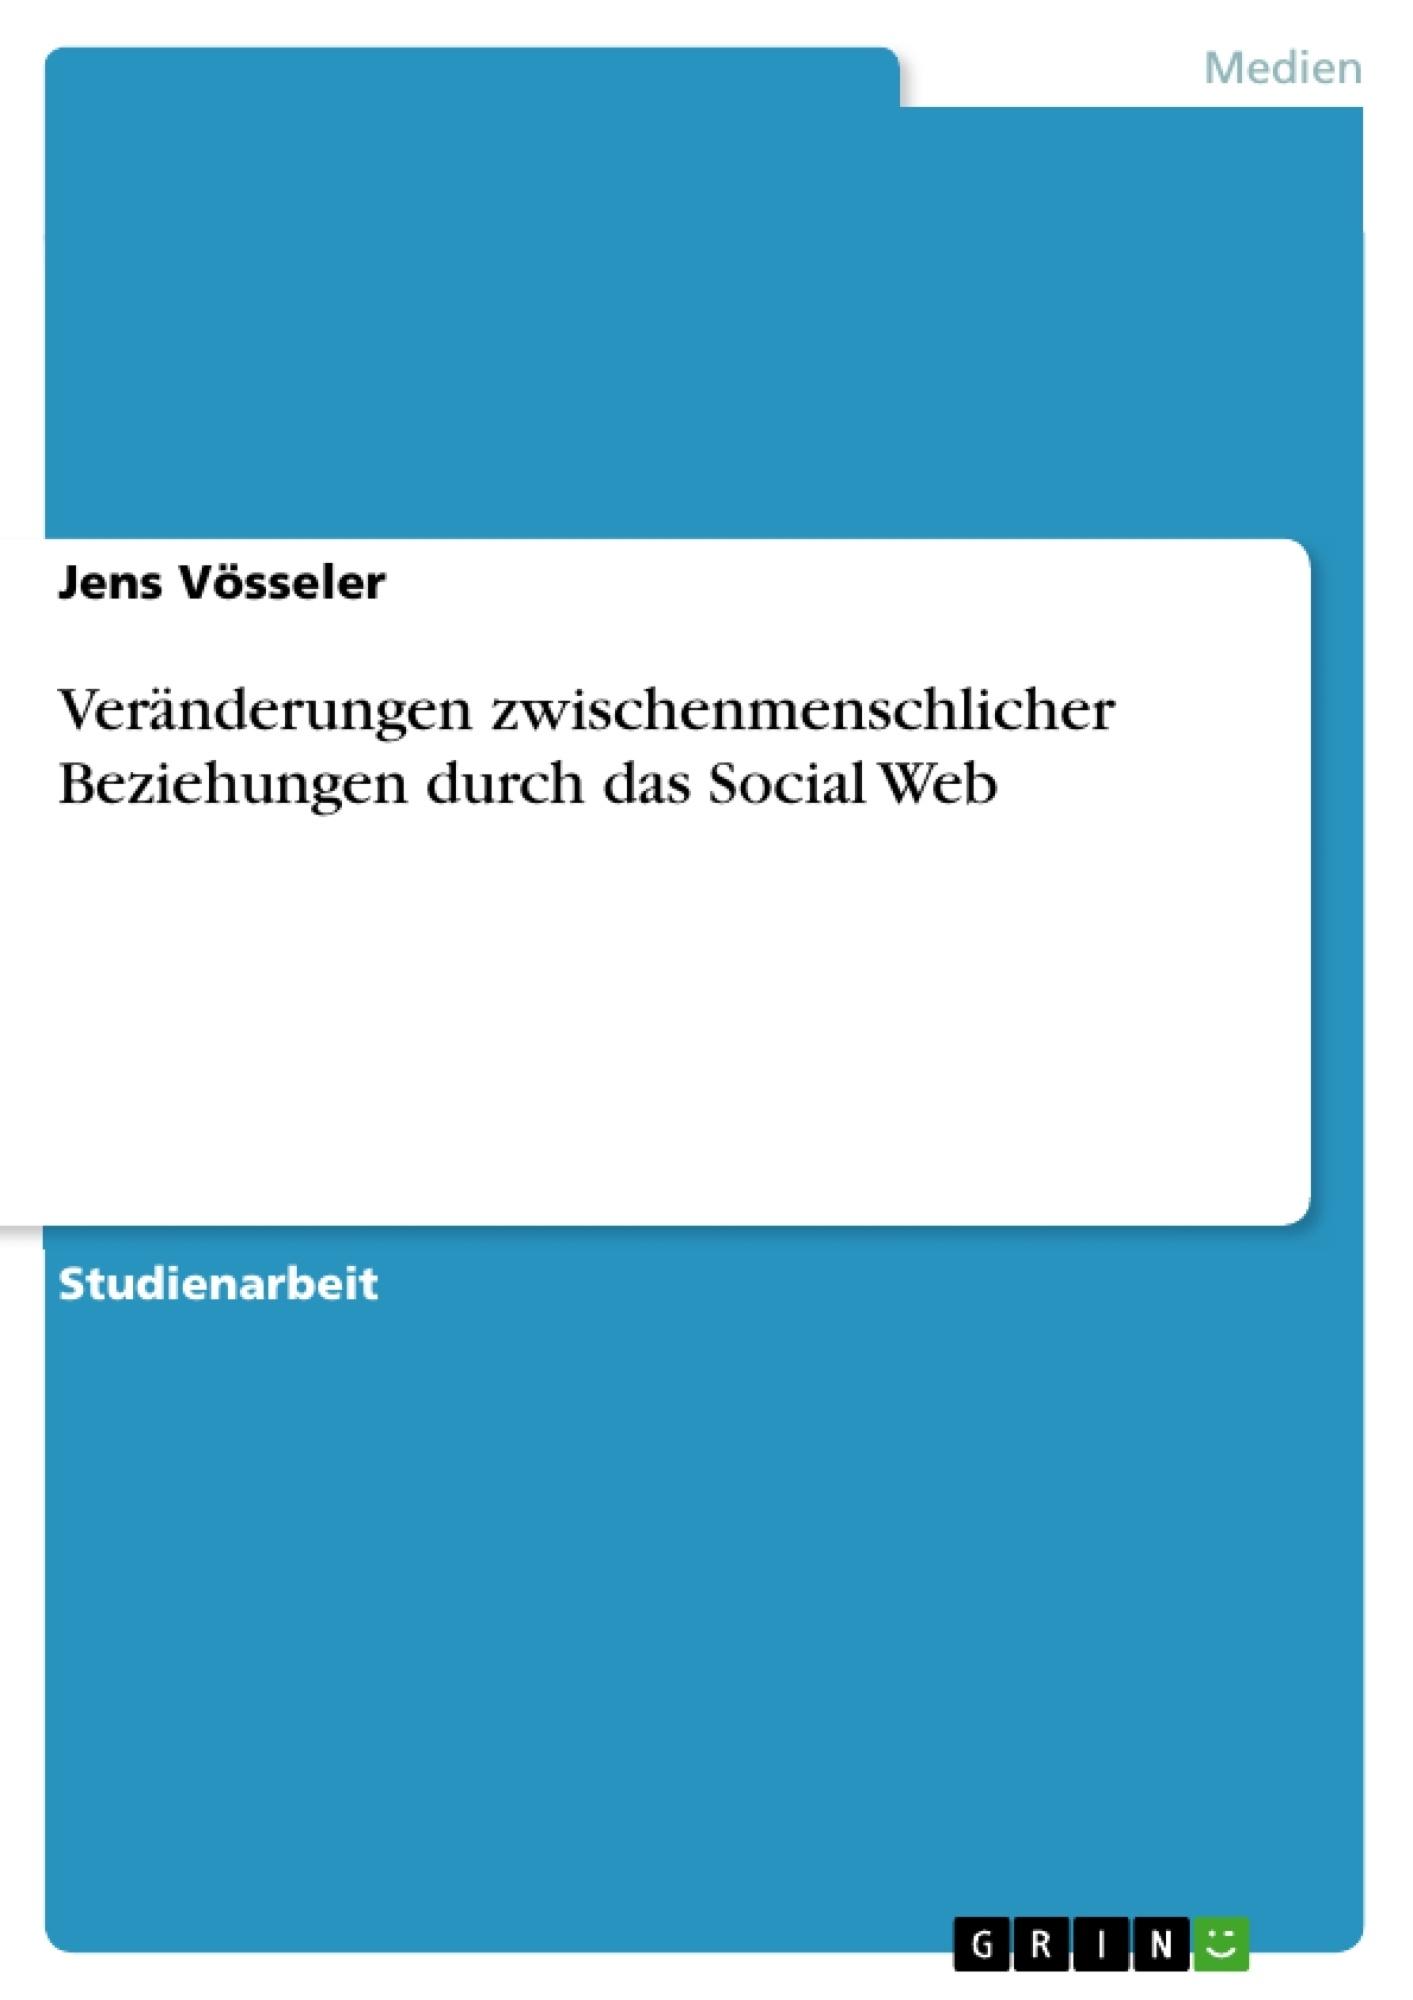 Titel: Veränderungen zwischenmenschlicher Beziehungen durch das Social Web